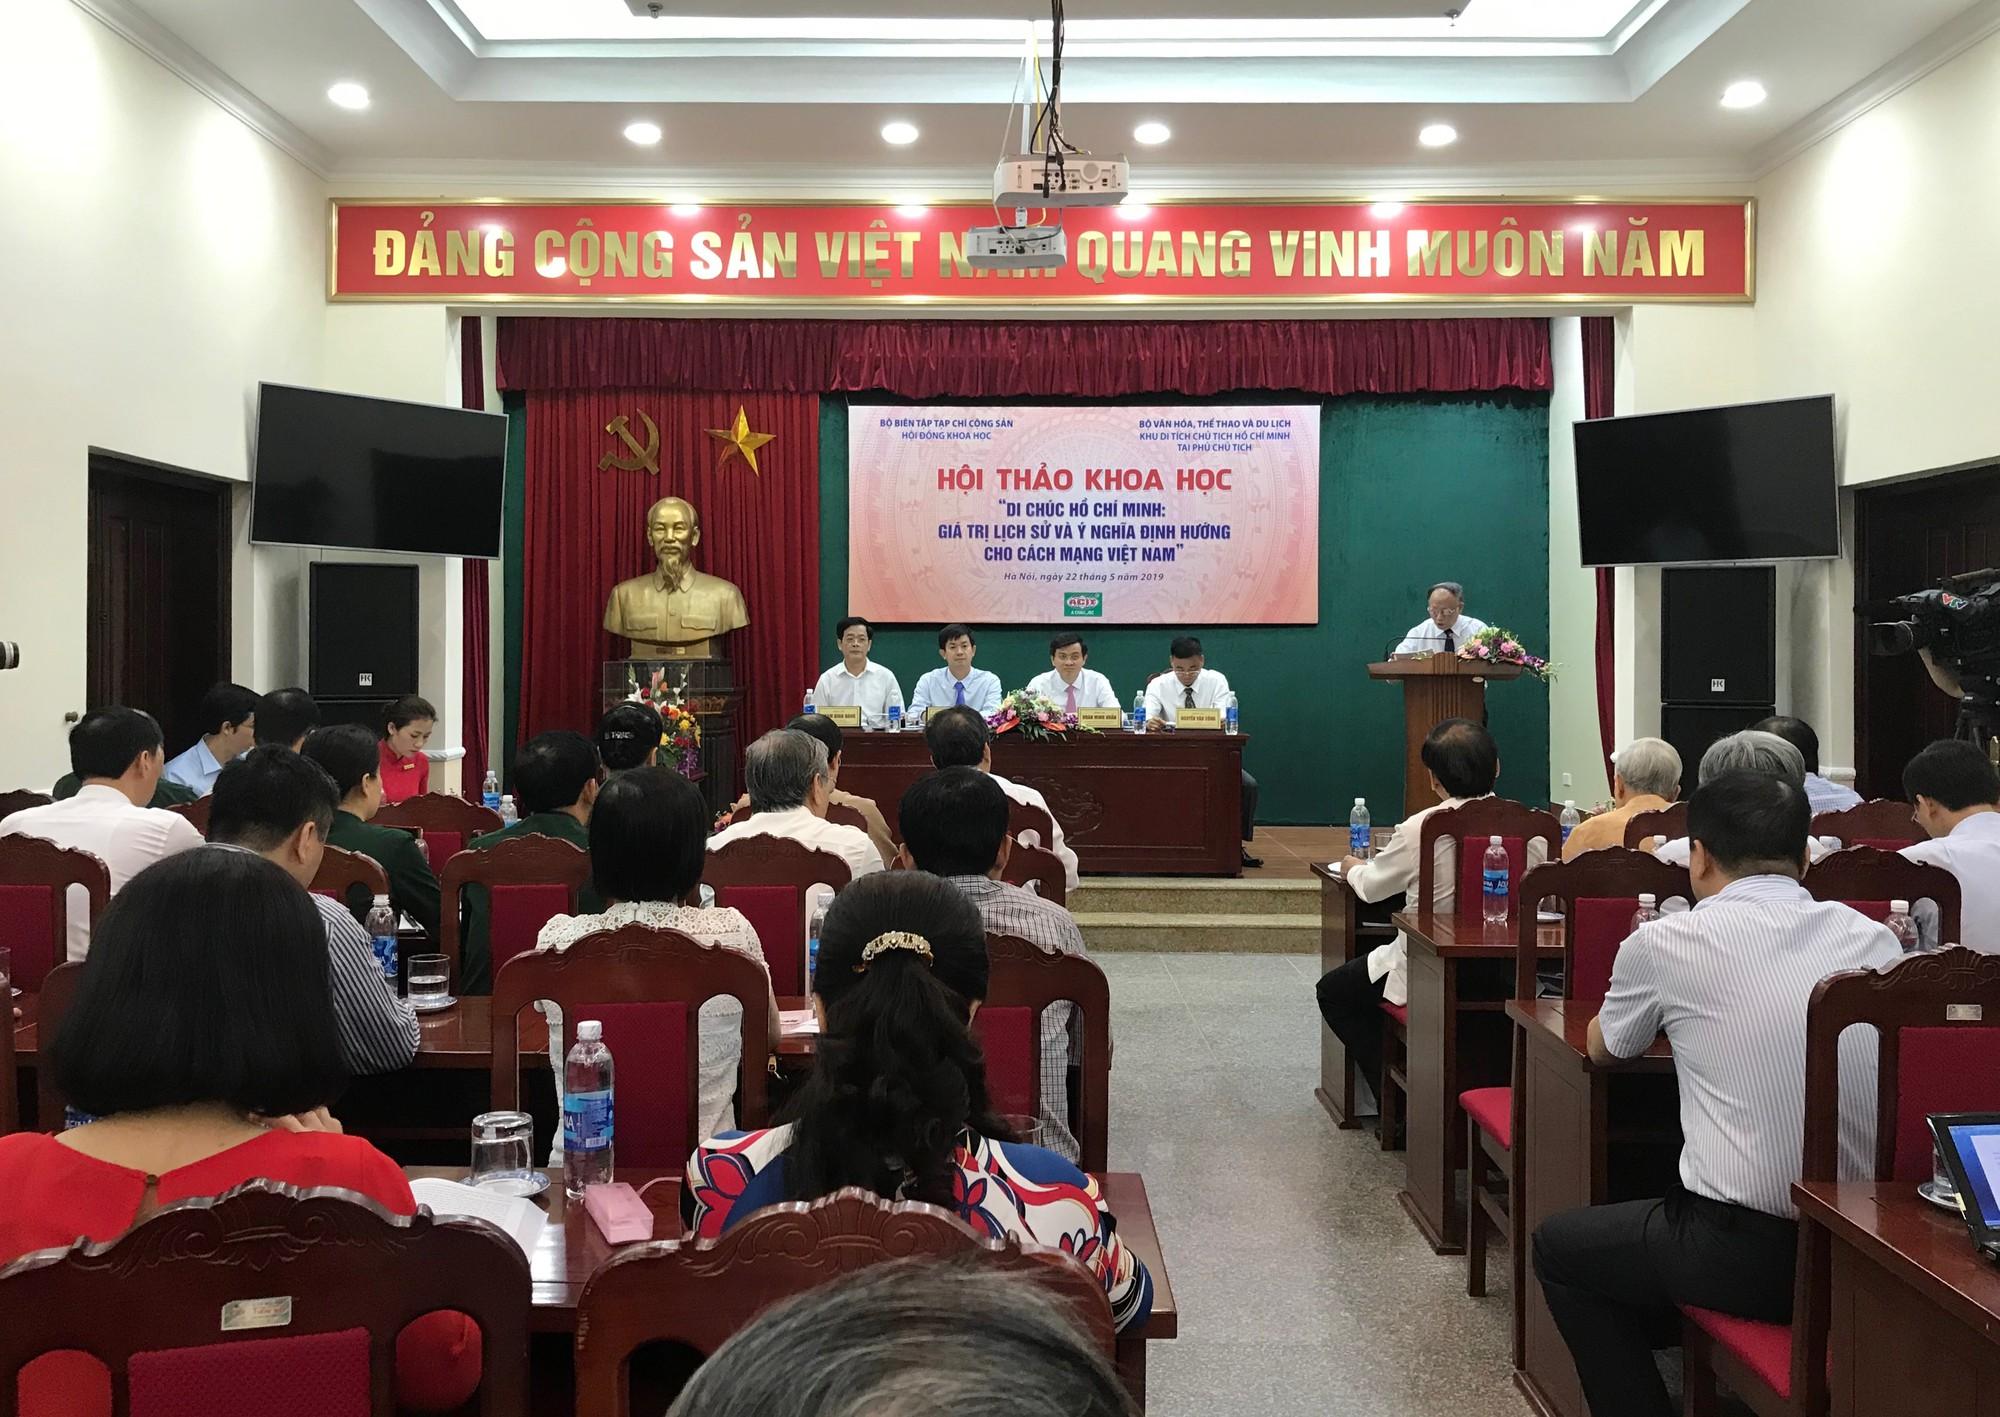 50 năm thực hiện Di chúc Hồ Chí Minh: Chỉnh đốn Đảng là việc làm tiên quyết và lâu dài - Ảnh 4.